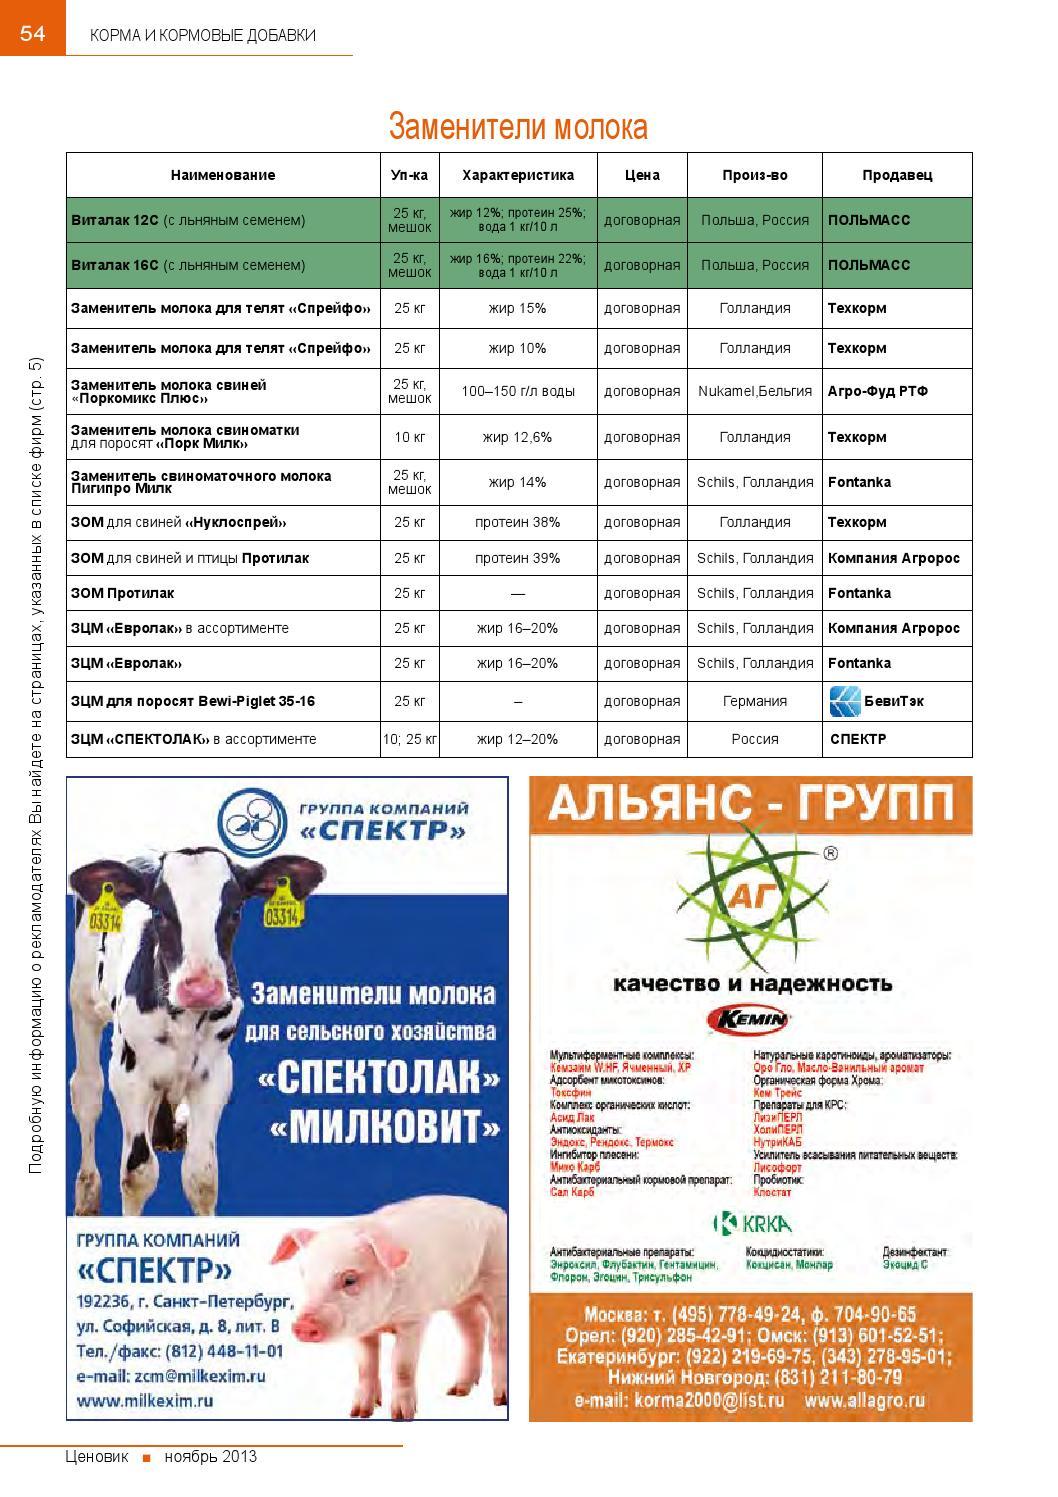 Кормилак: зцм (заменитель цельного молока) для поросят, как разводить и инструкция по применению